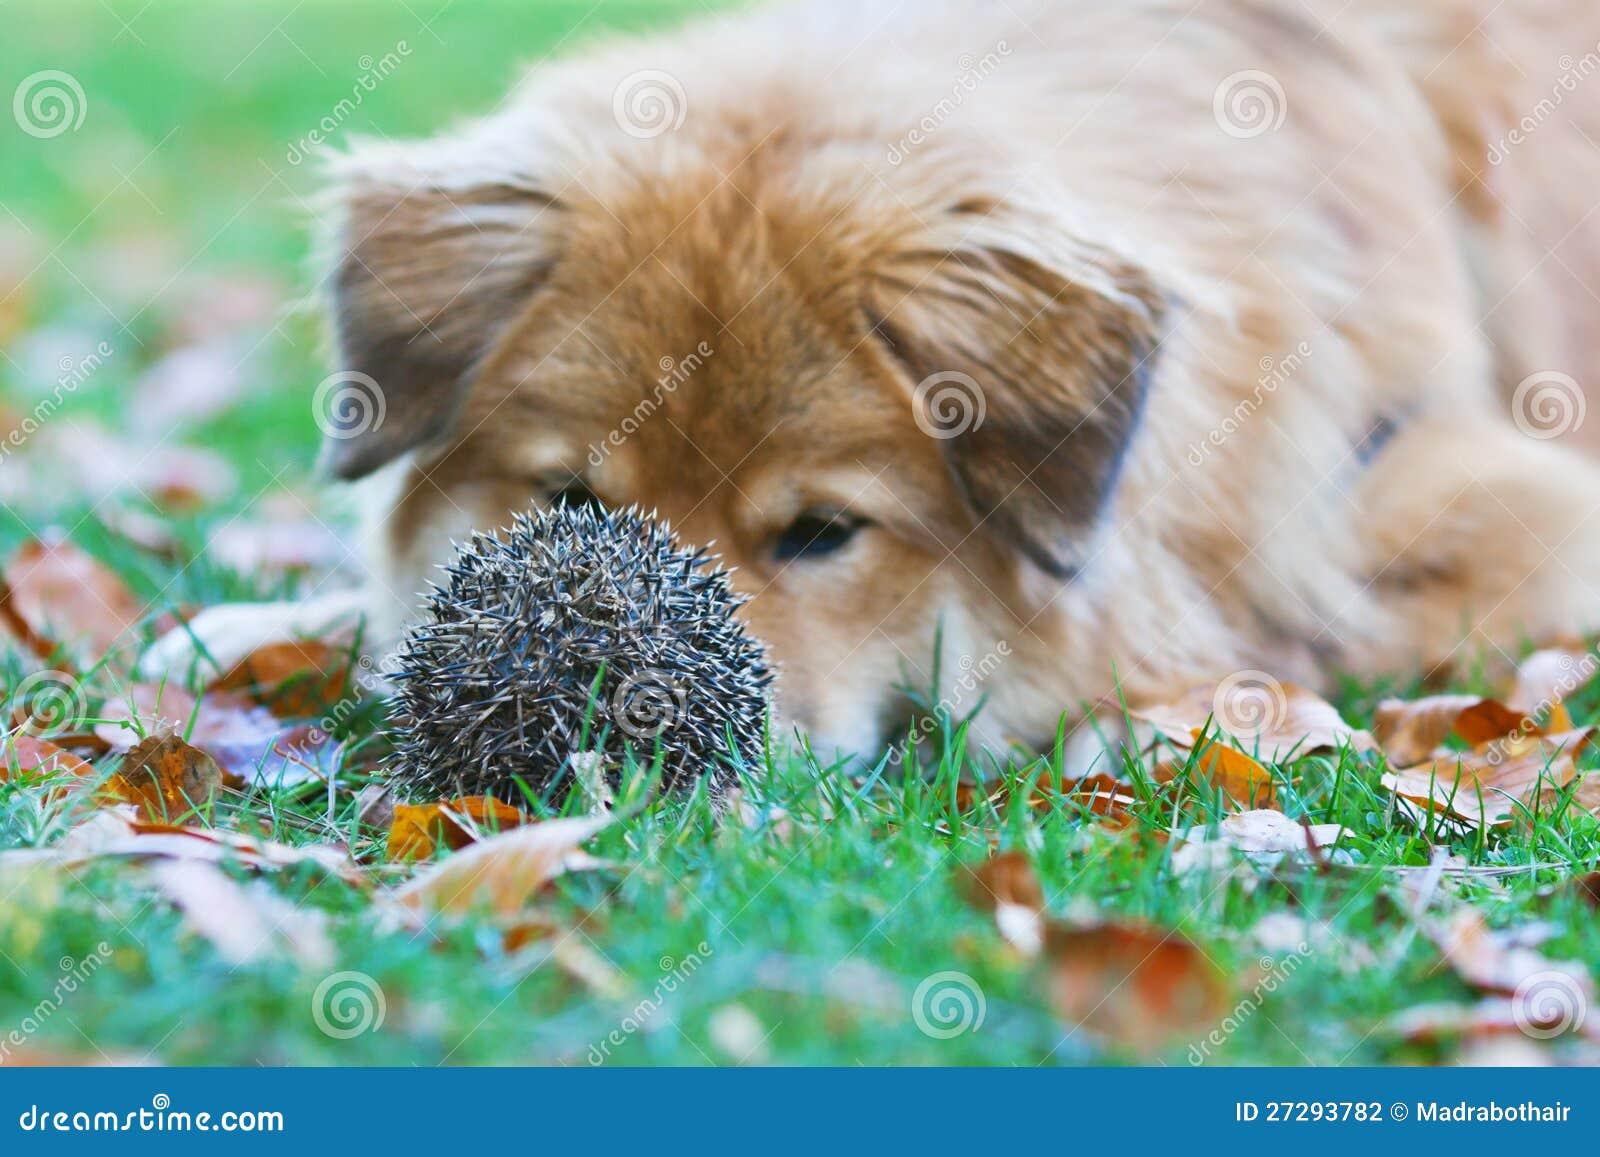 Resultado de imagen de erizo y perro